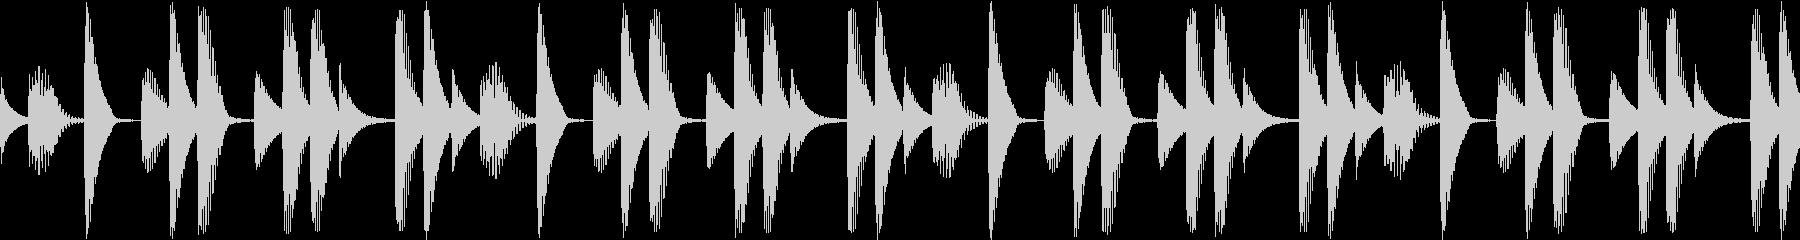 Techno ベース 3 音楽制作用の未再生の波形